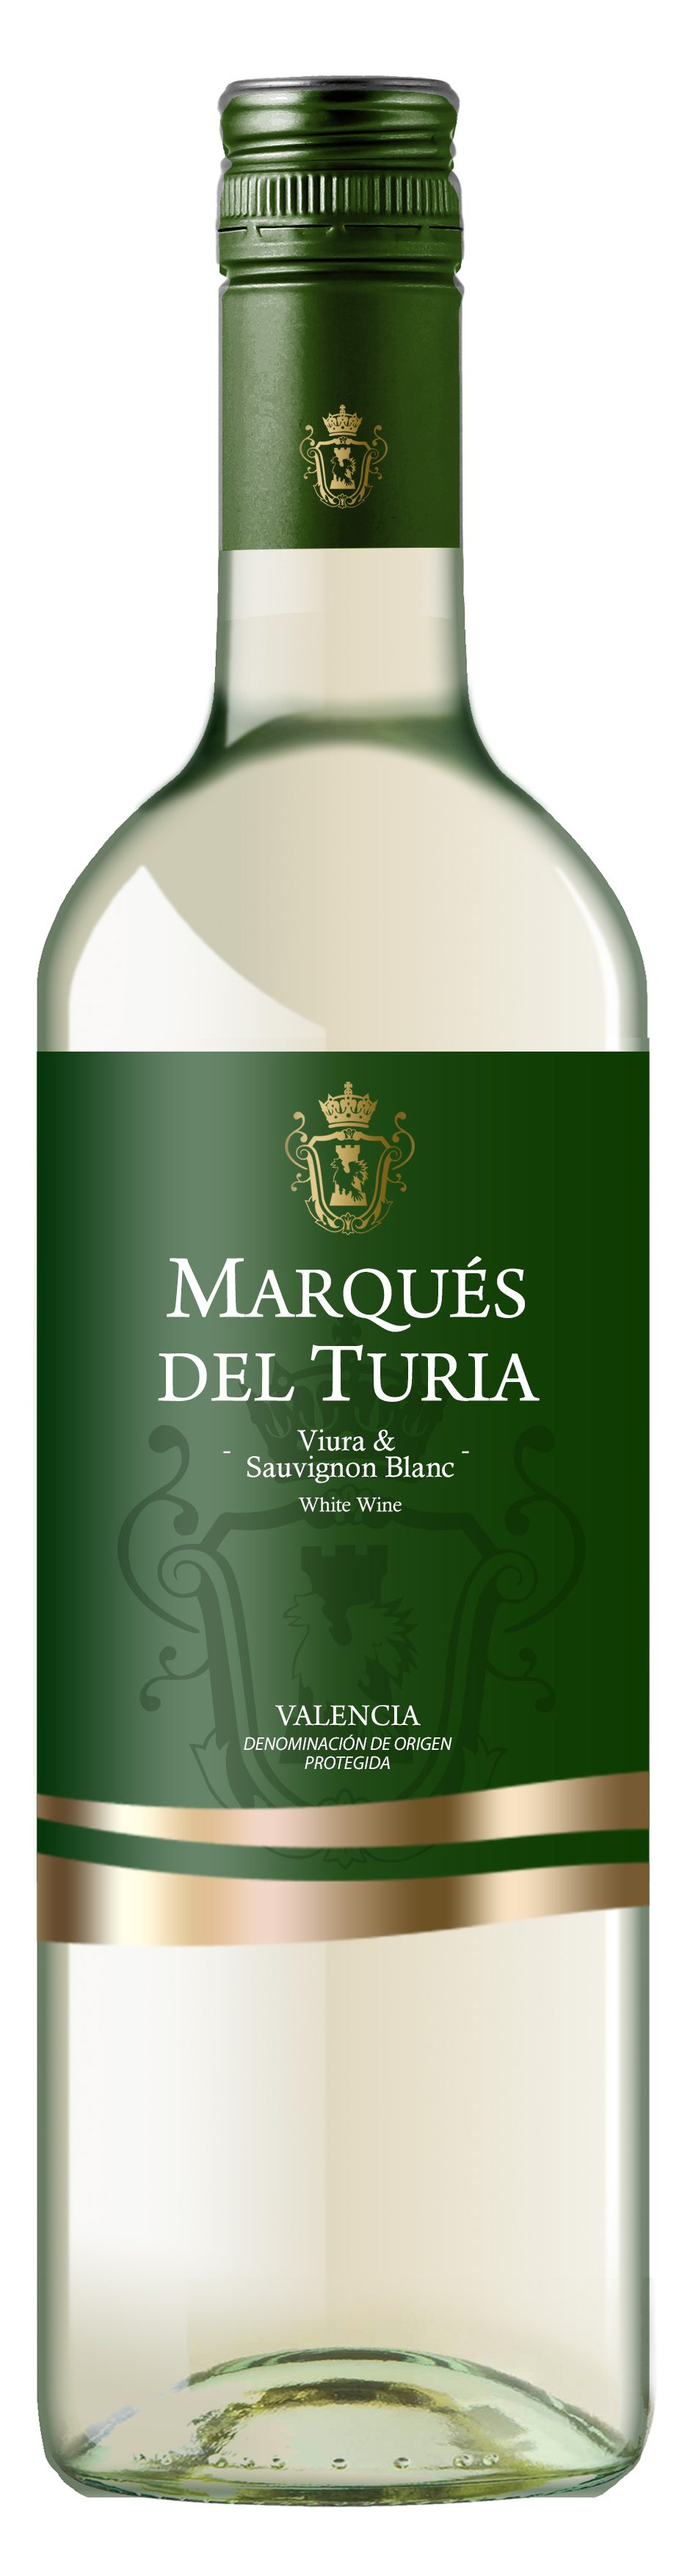 Vicente Gandia Marques del Turia Blanco